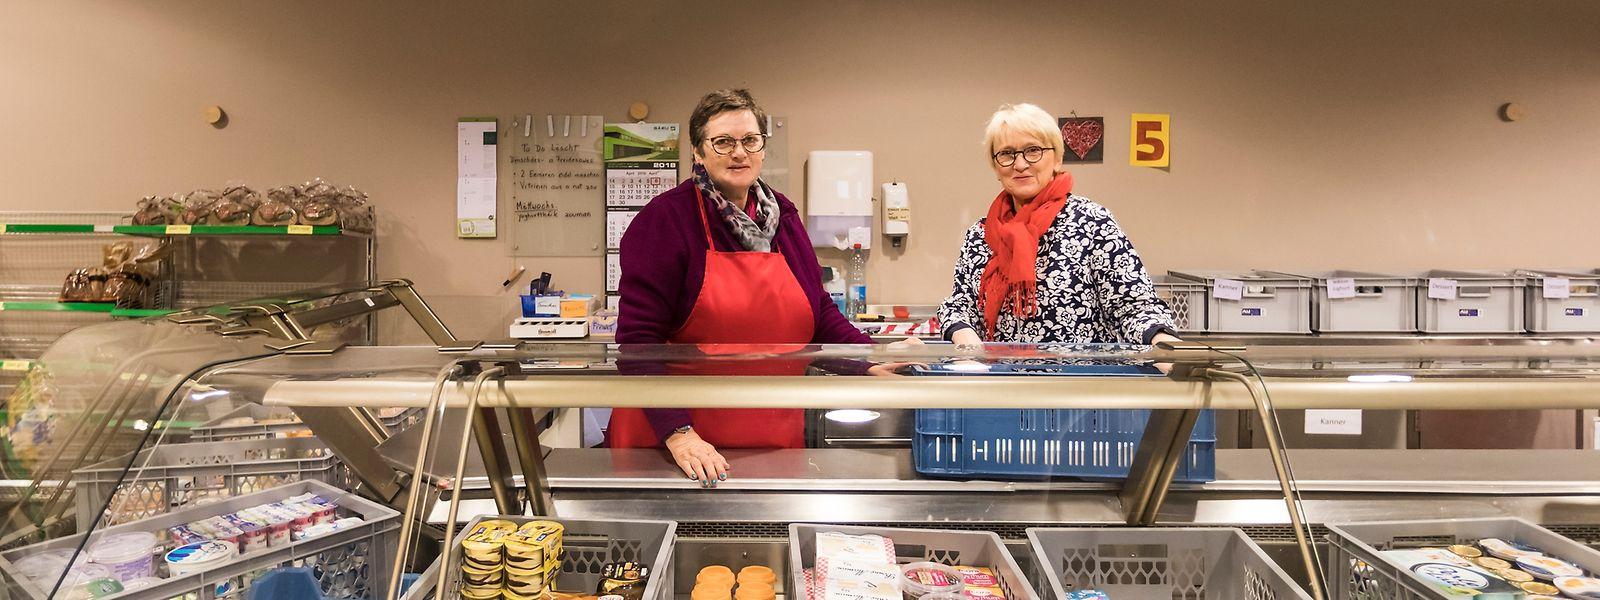 Rund 230 Freiwillige sind für Den Cent Buttek im Einsatz: Sie holen die Ware ab, sortieren diese und sind für den Verkauf verantwortlich.